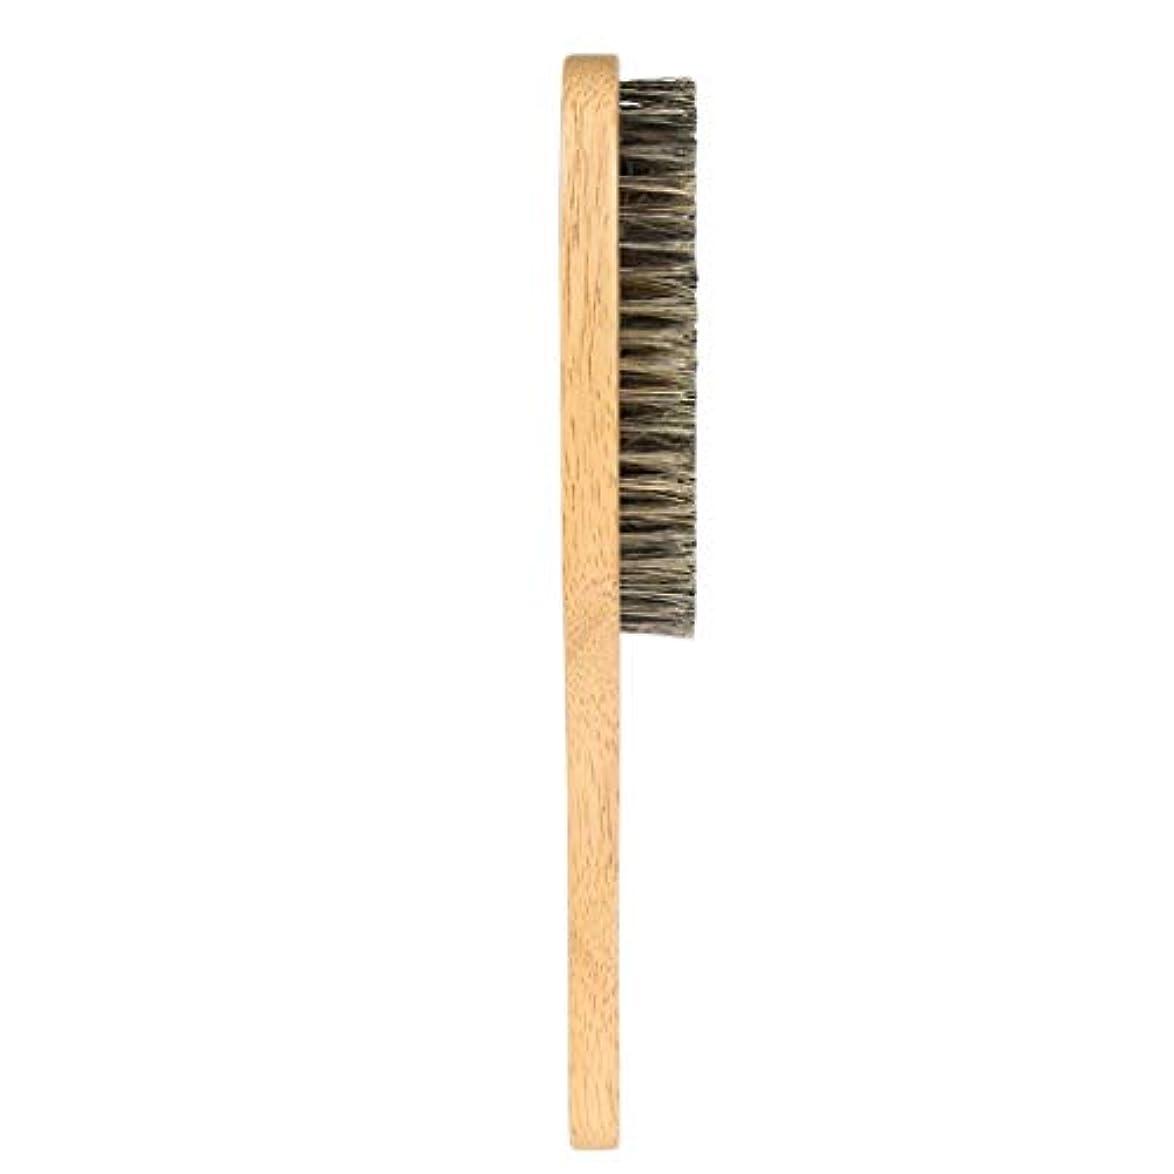 Toygogo 男性合成繊維ひげ口ひげブラシ顔毛シェービングブラシw/ハンドル